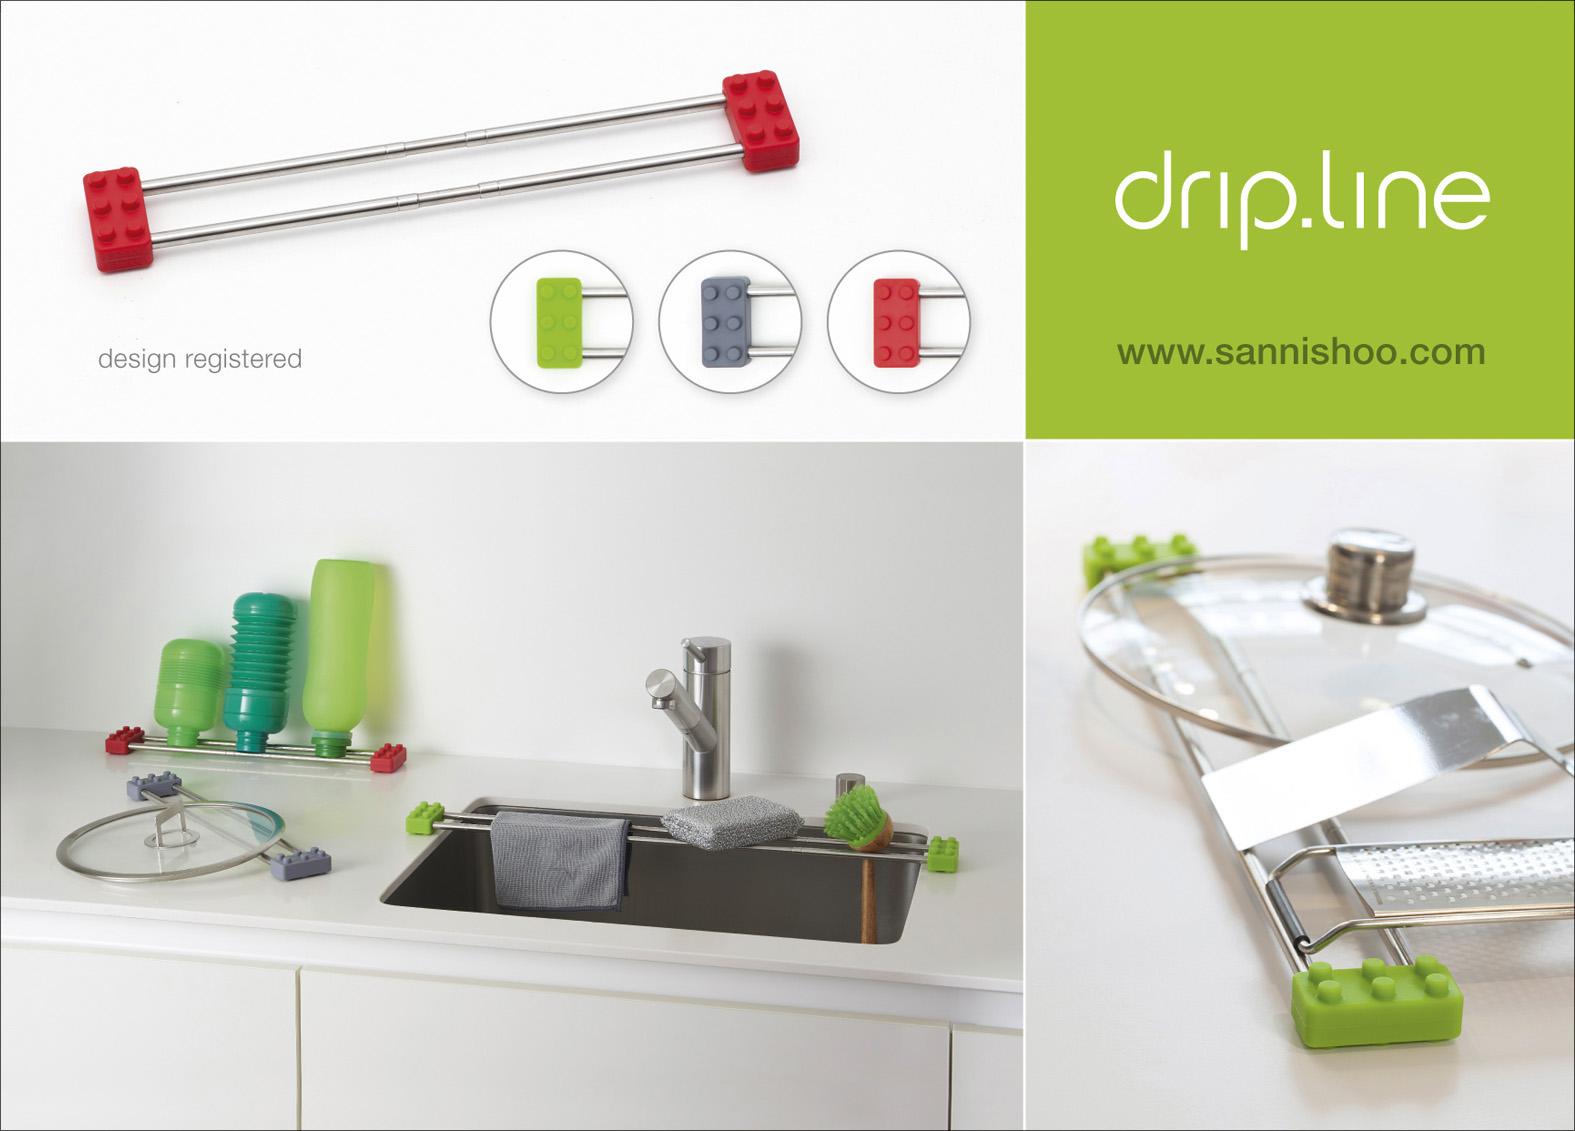 drip.line | Sannishoo